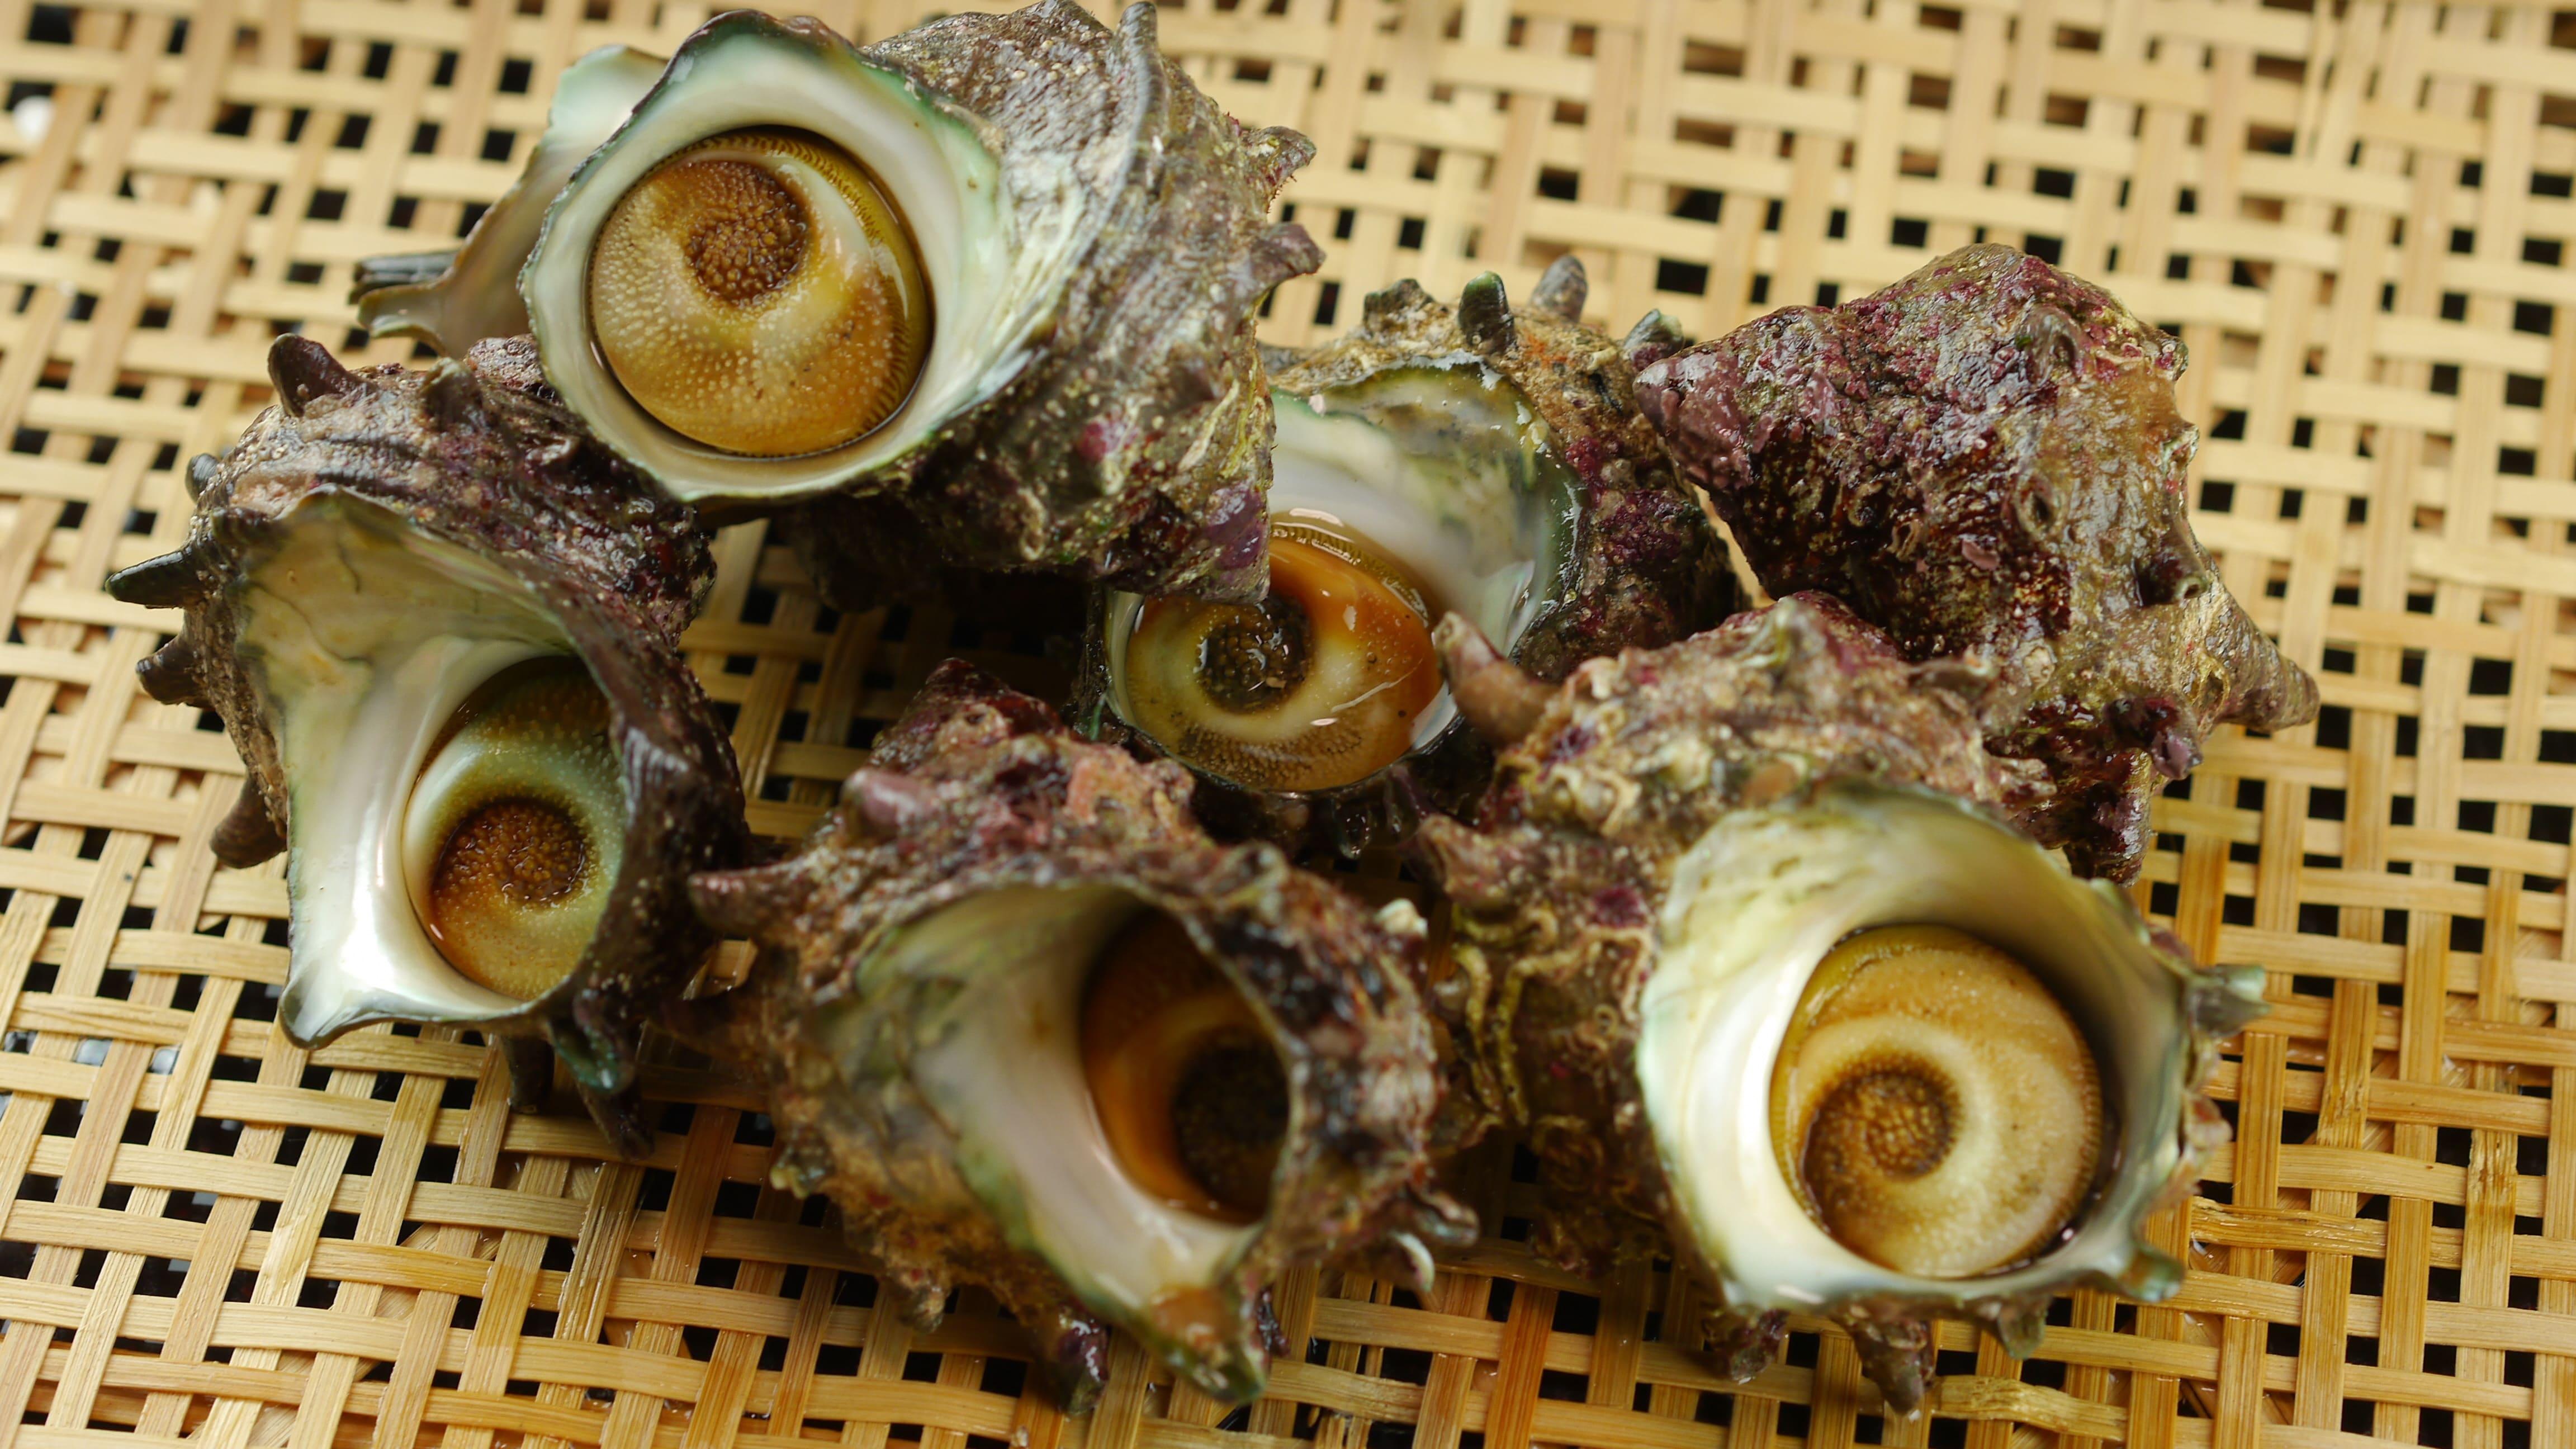 サザエがたっぷり! サザエご飯の素 3合炊用 3袋セット 京丹後産天然サザエ使用